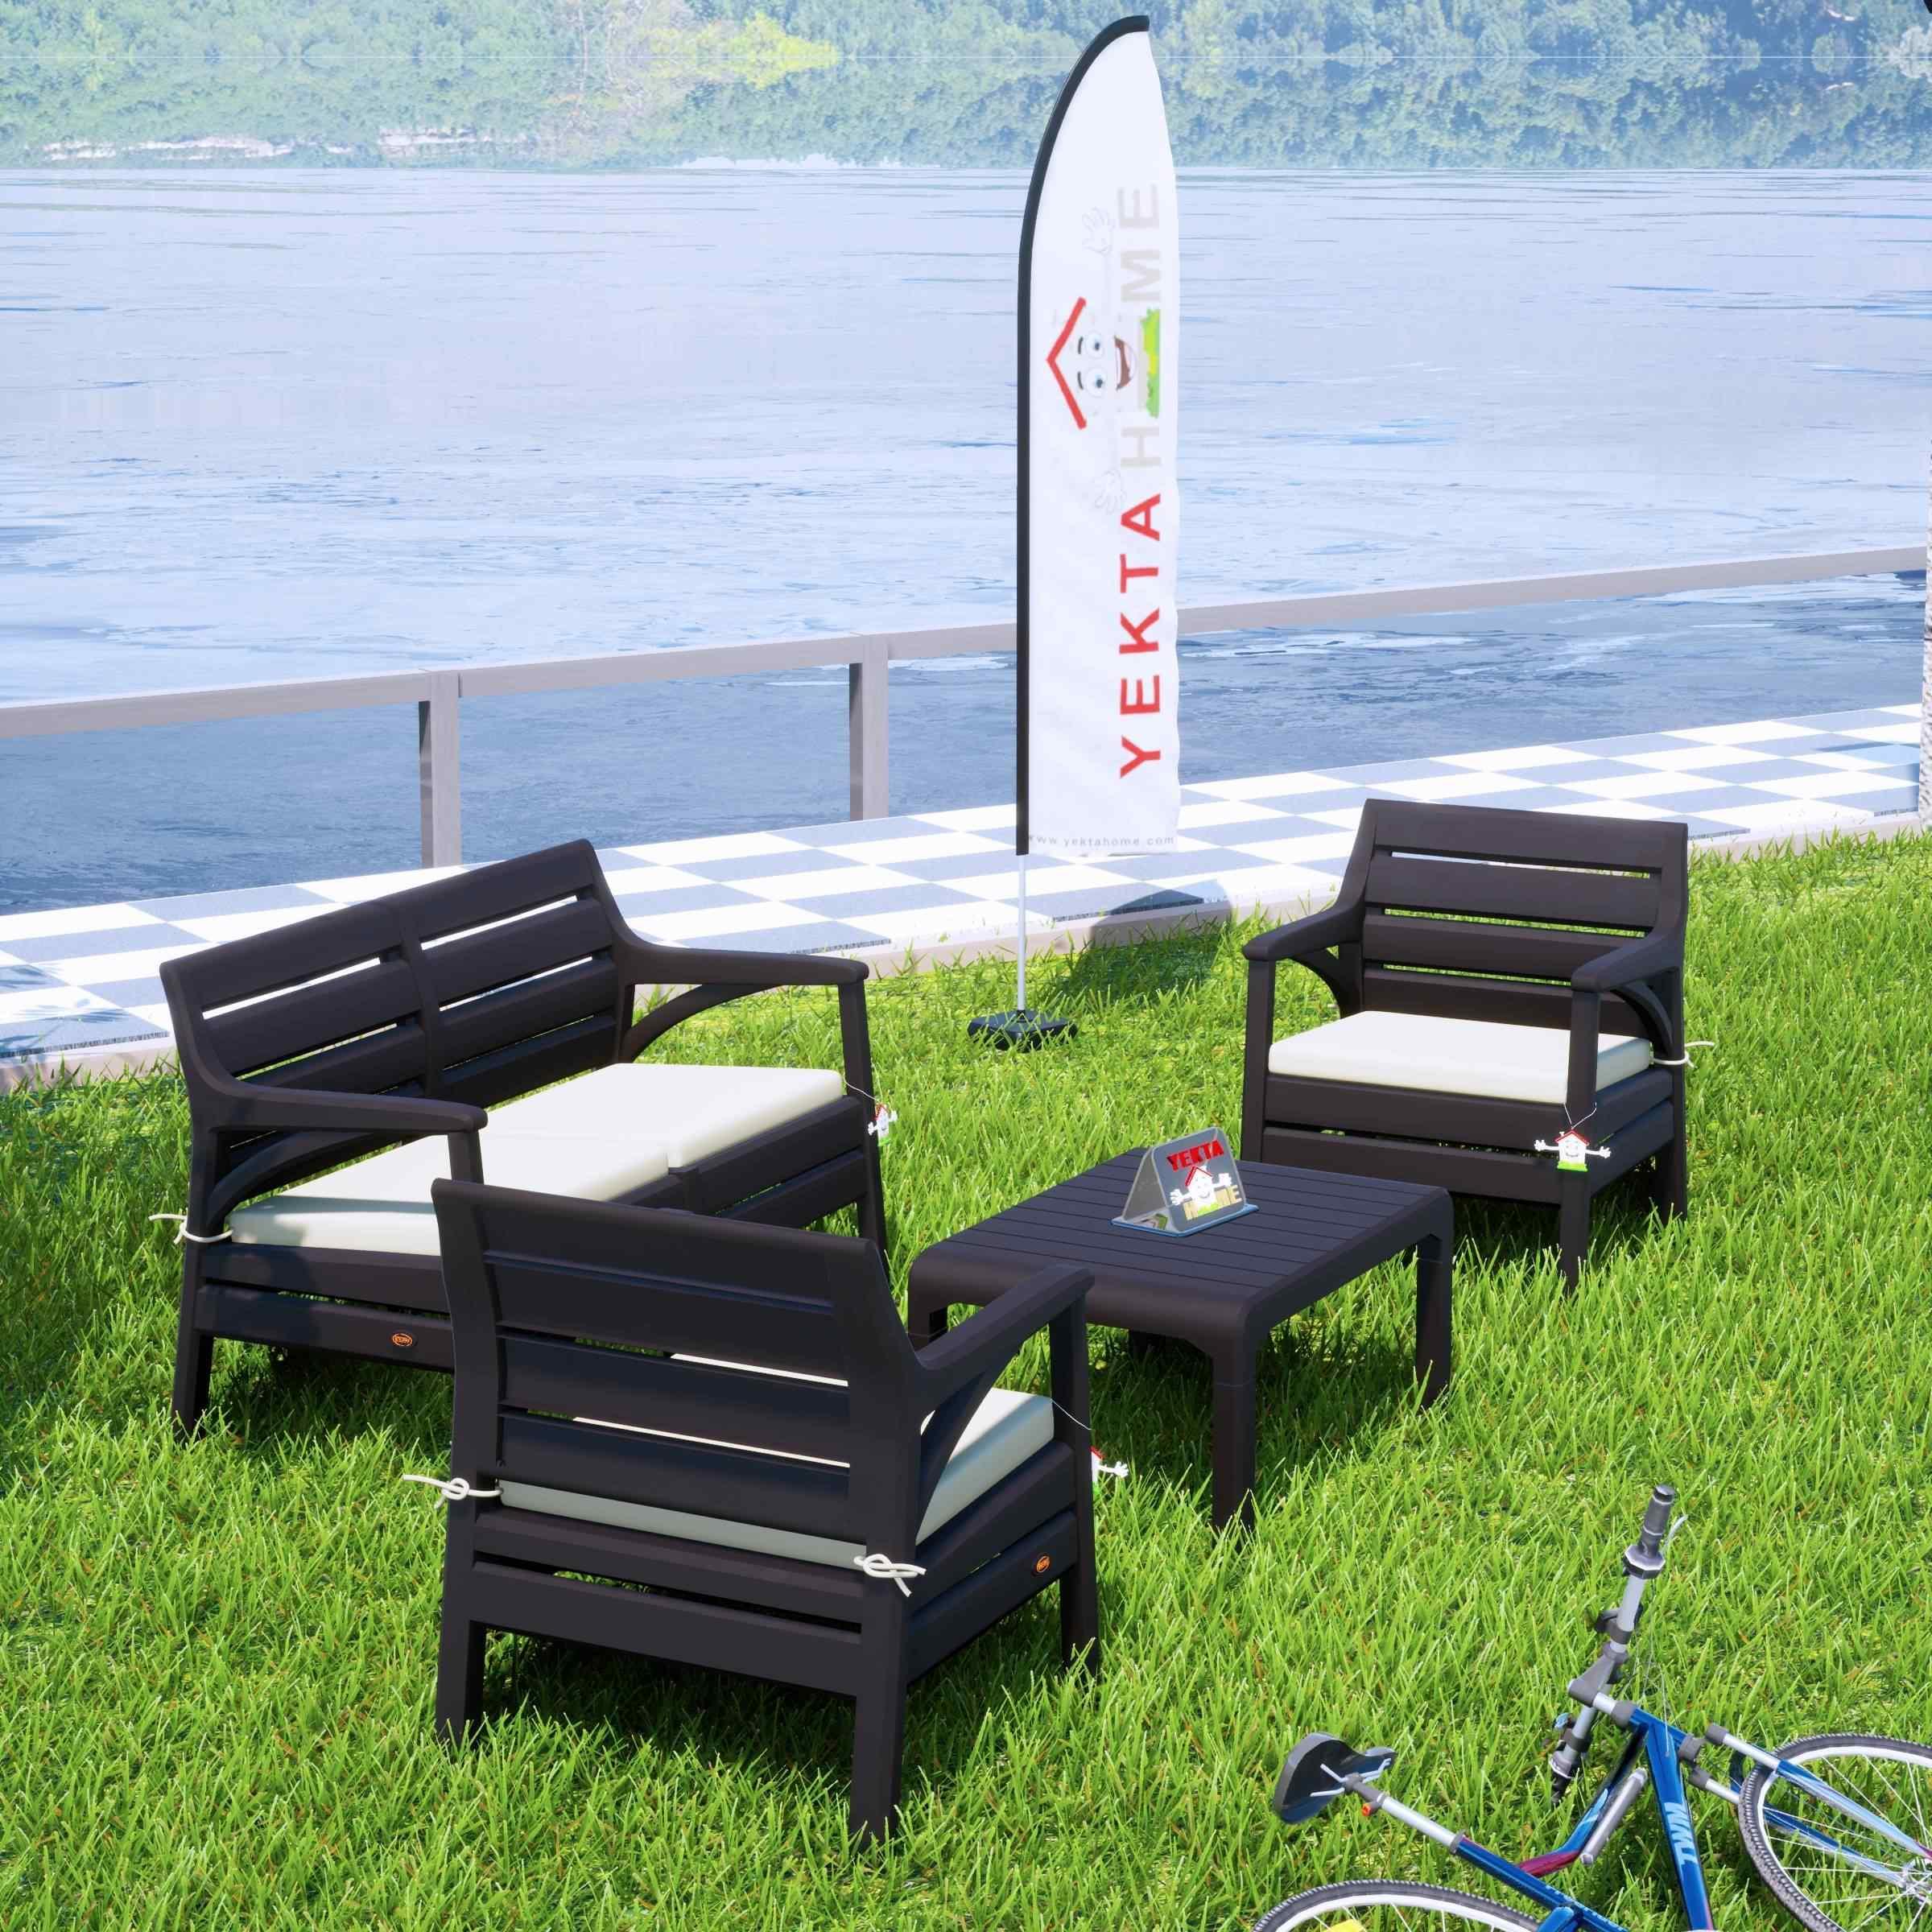 Holiday Miami Bahçe Takımı Balkon Seti Bahçe Mobilyası Kahverengi